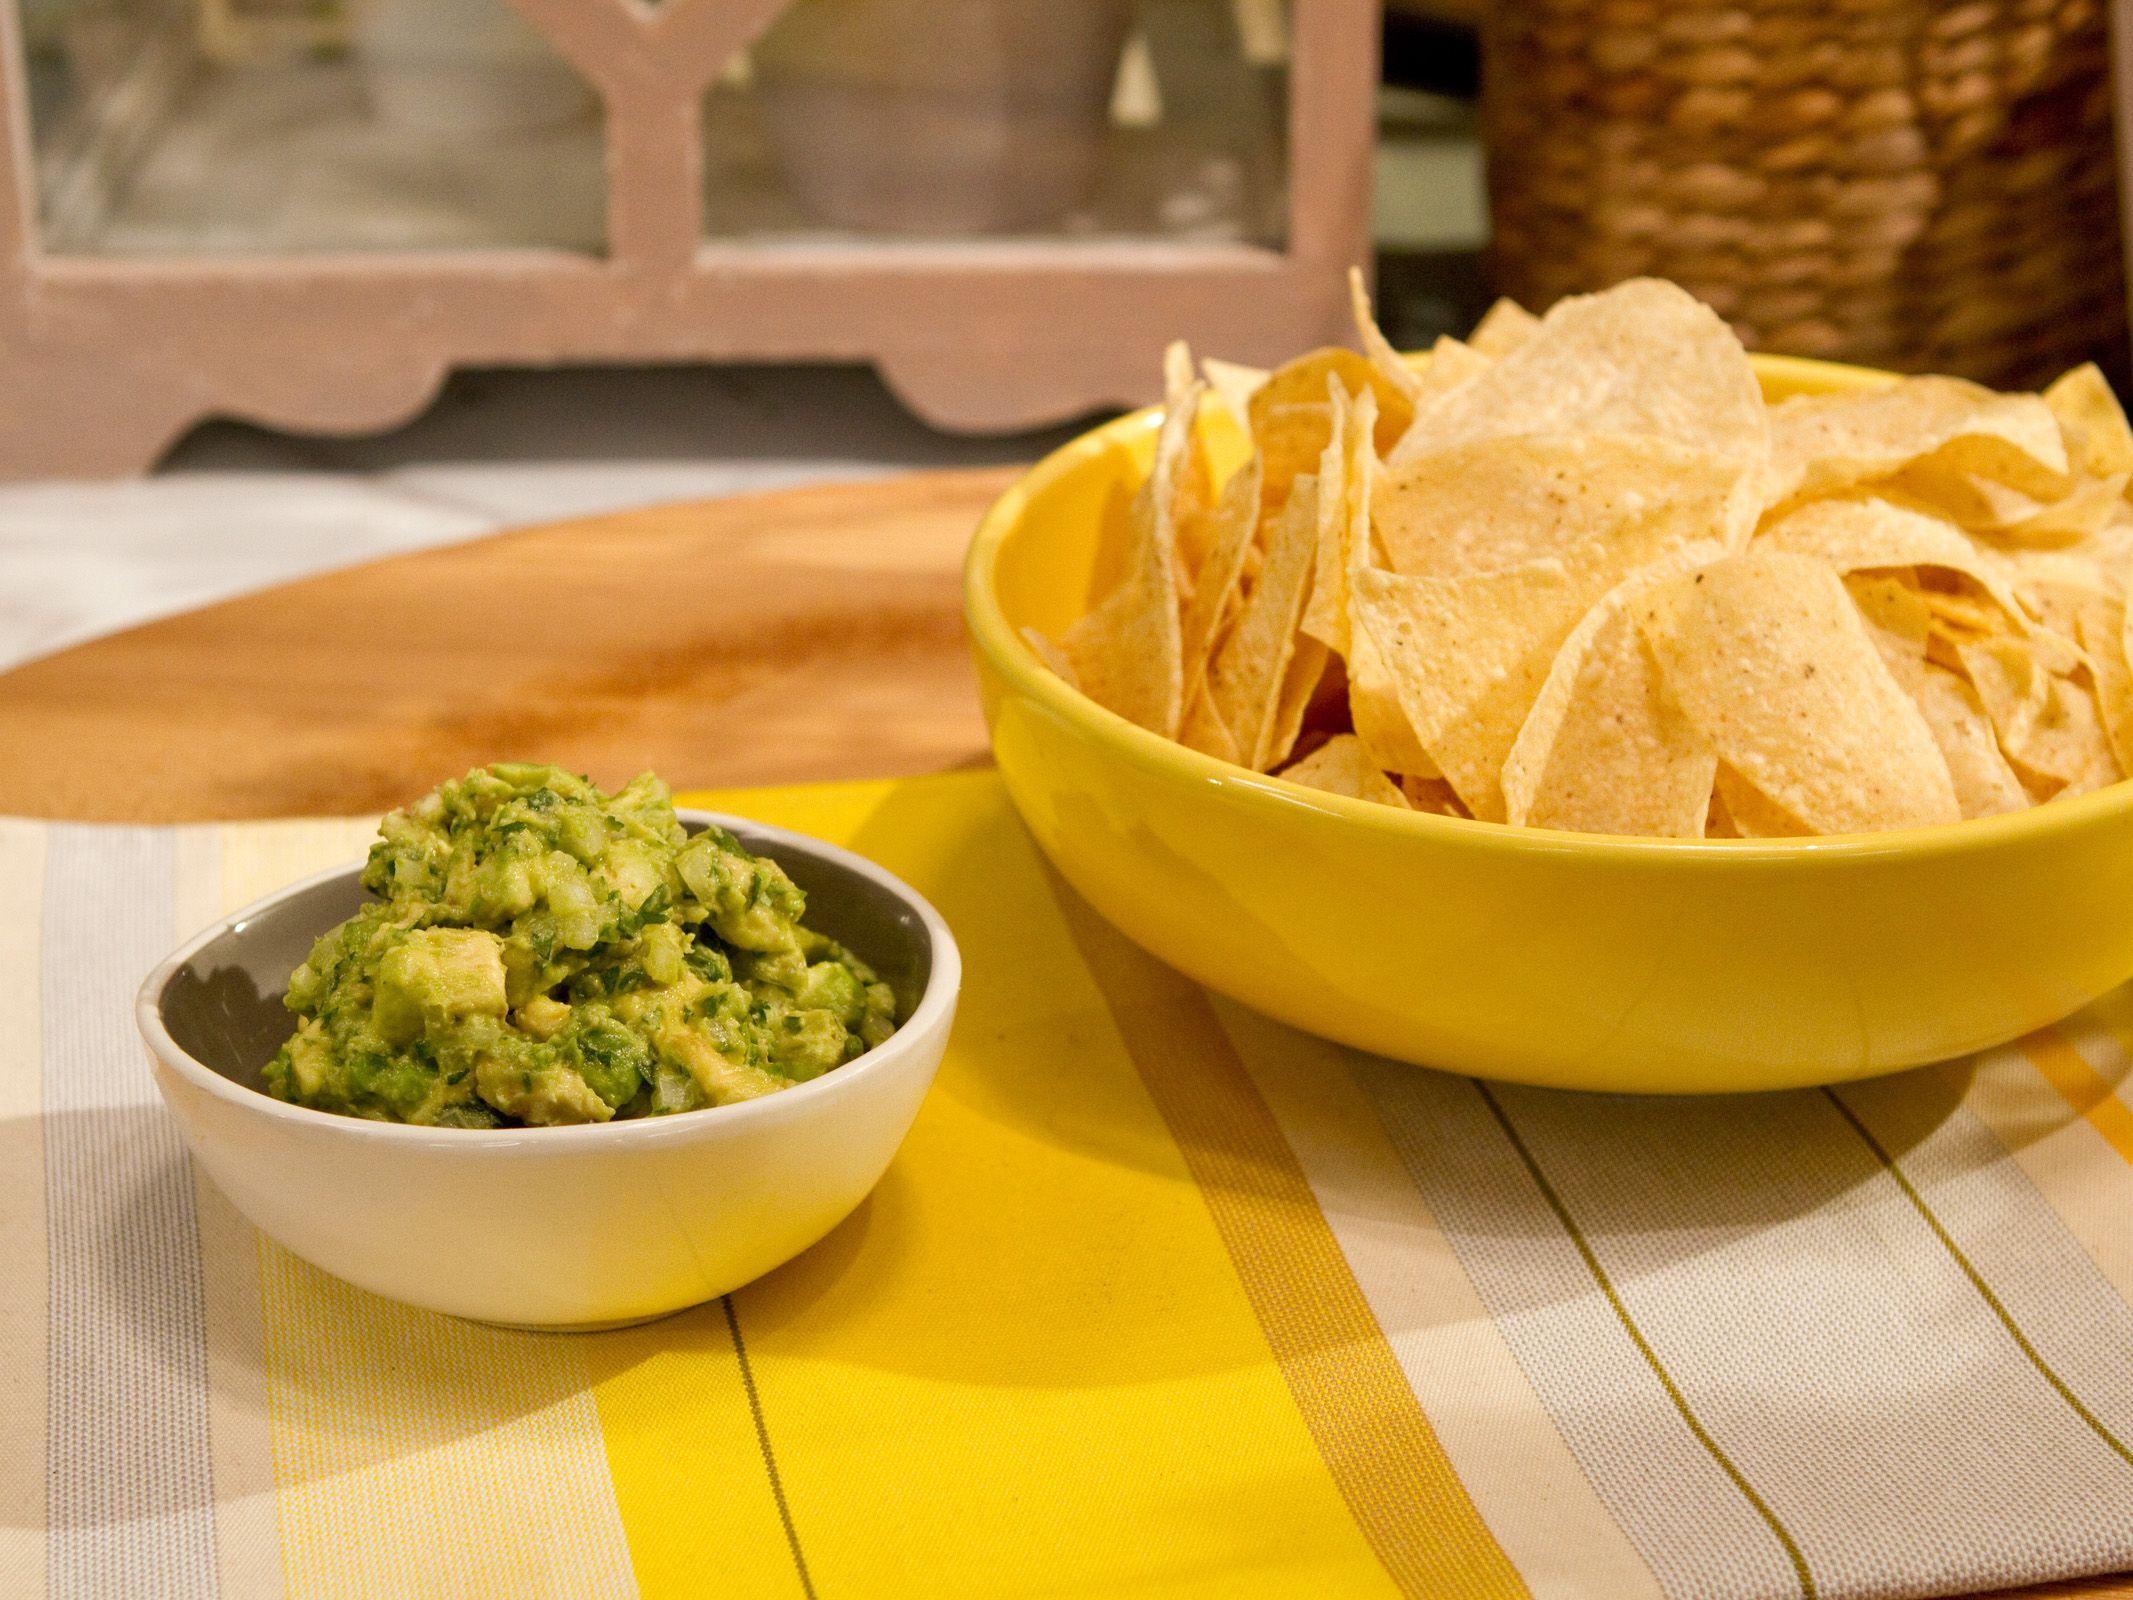 Guacamole recipe katie lee guacamole recipe and food guacamole forumfinder Image collections